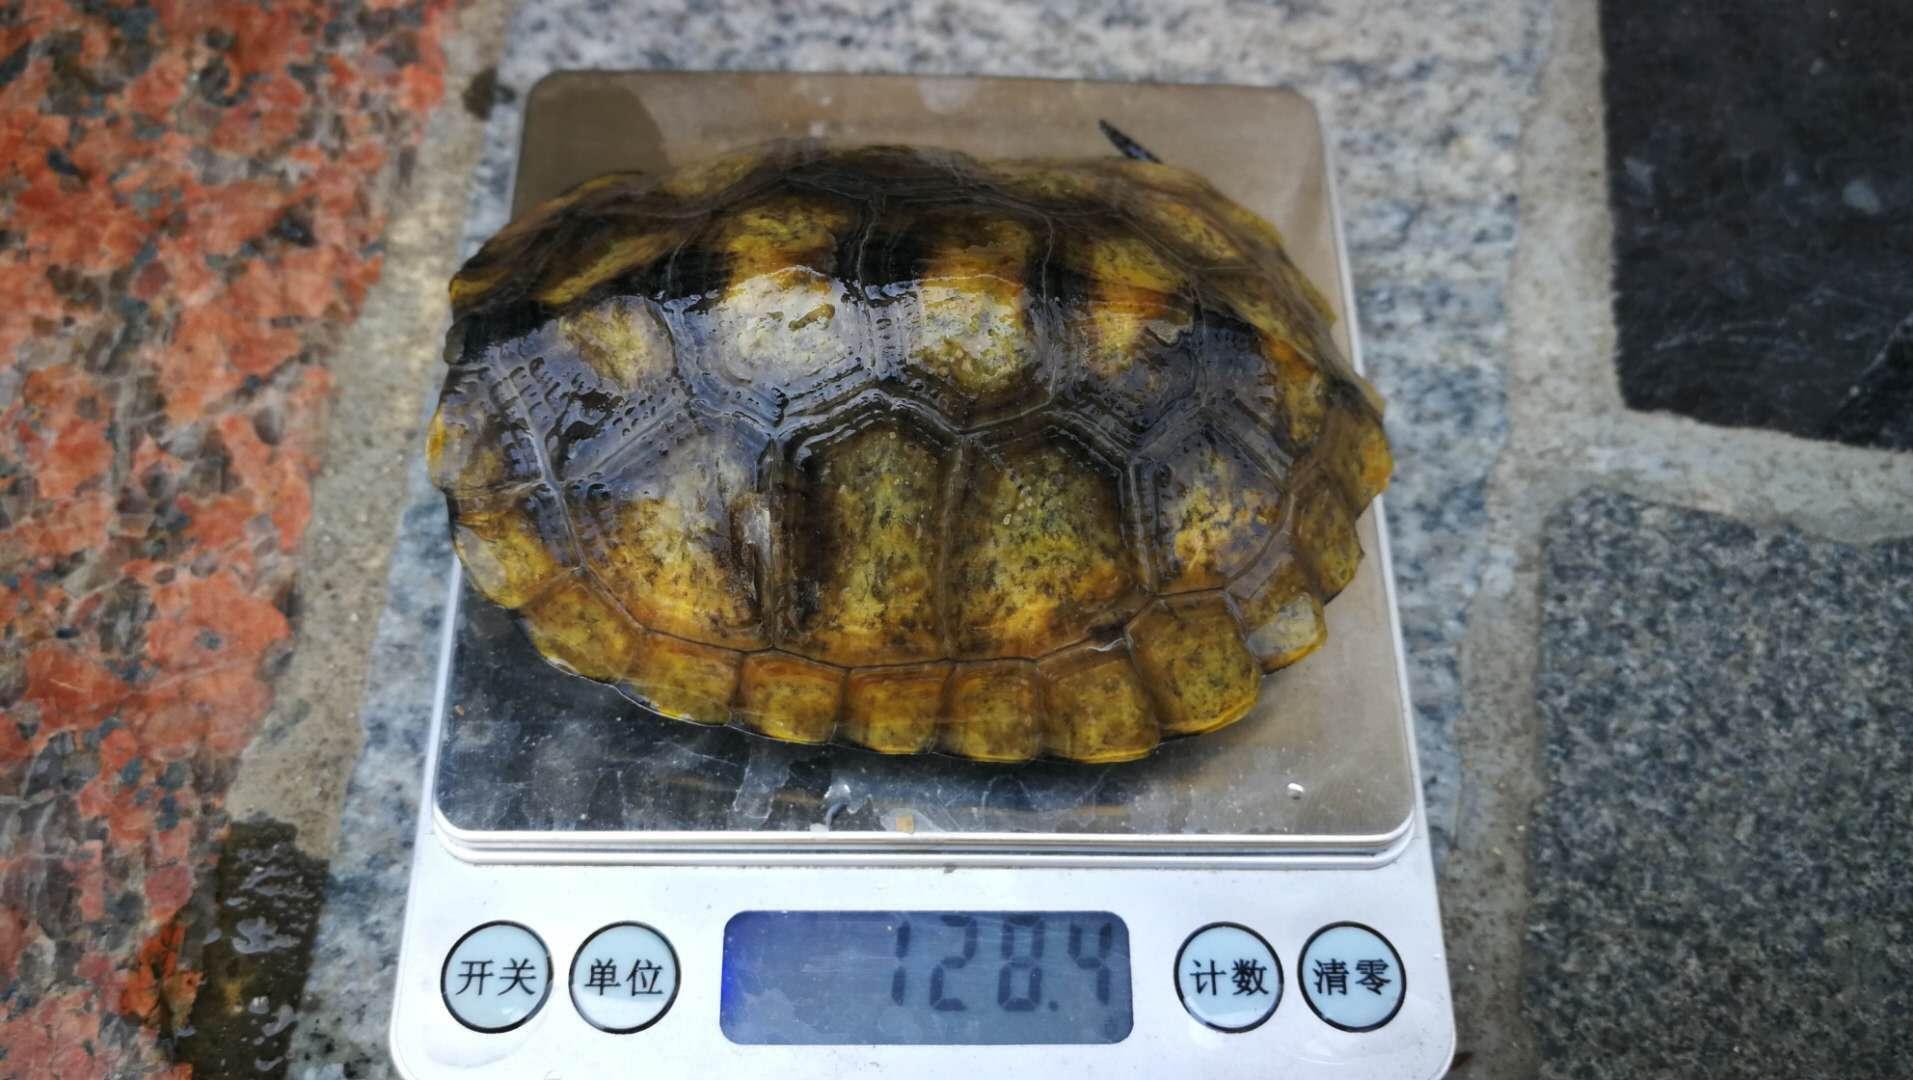 日本石龟怎么看公母 日本石龟公母区别